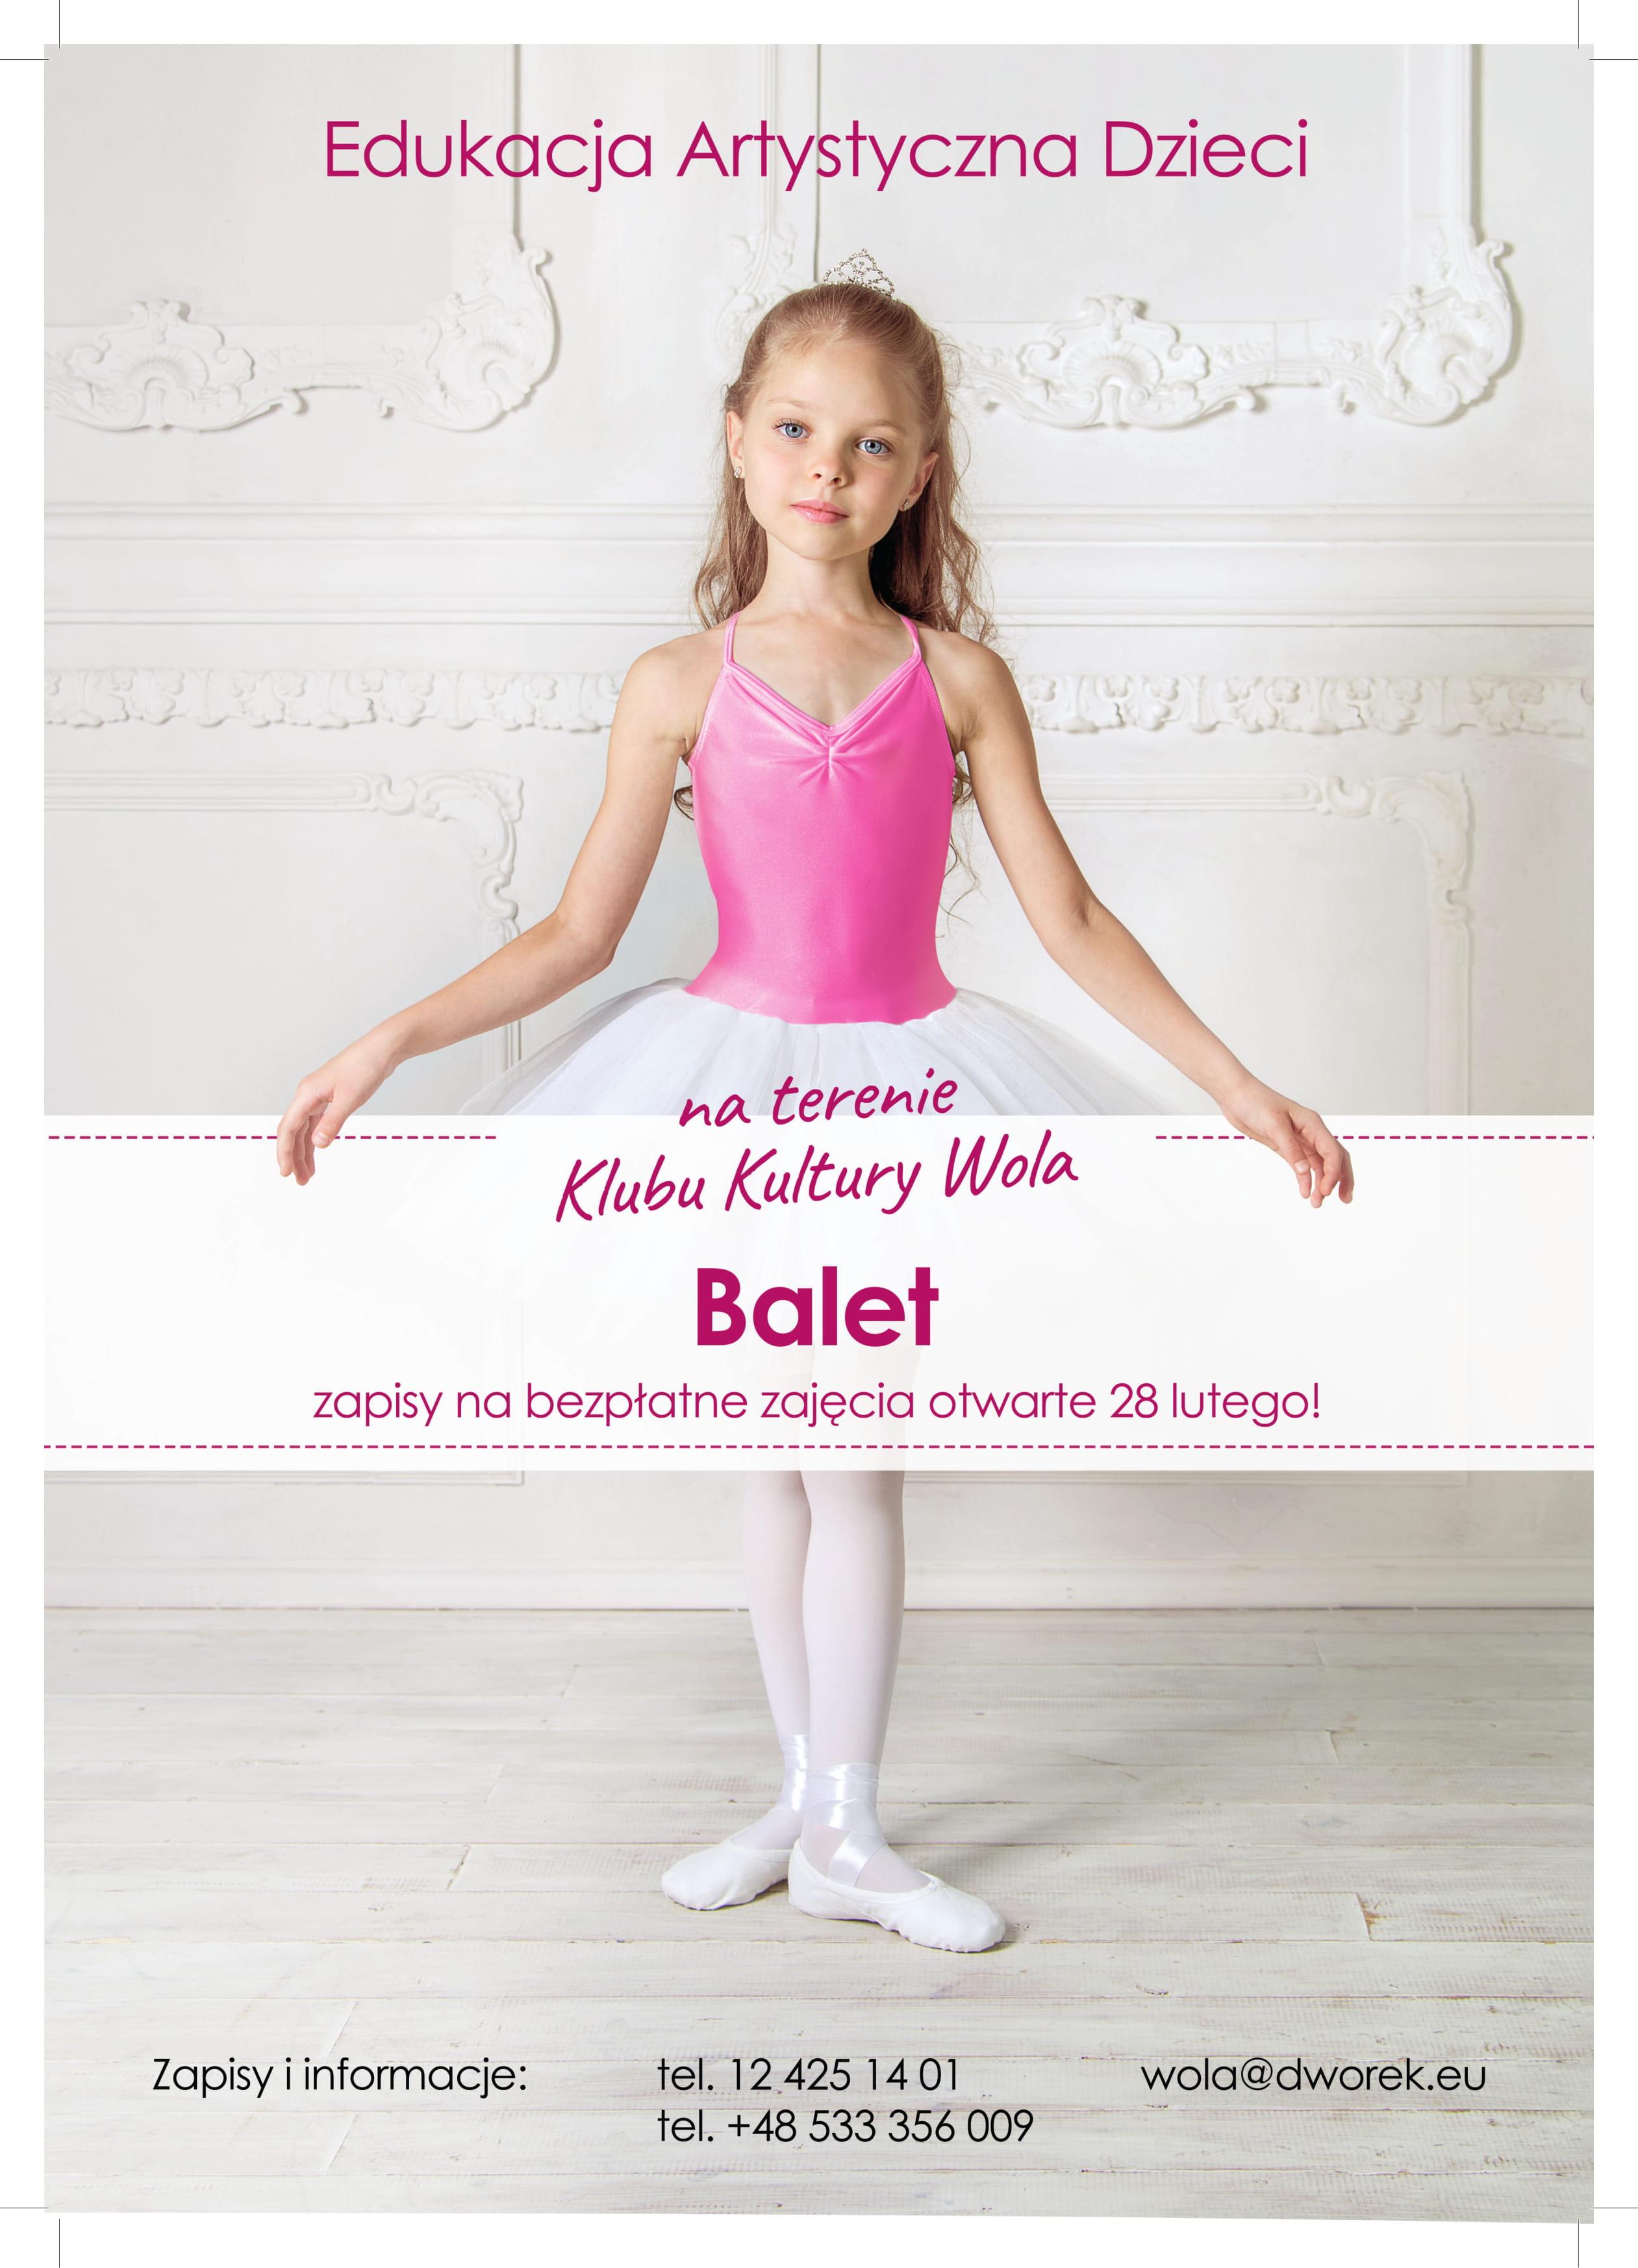 Balet Klub Kultury Wola